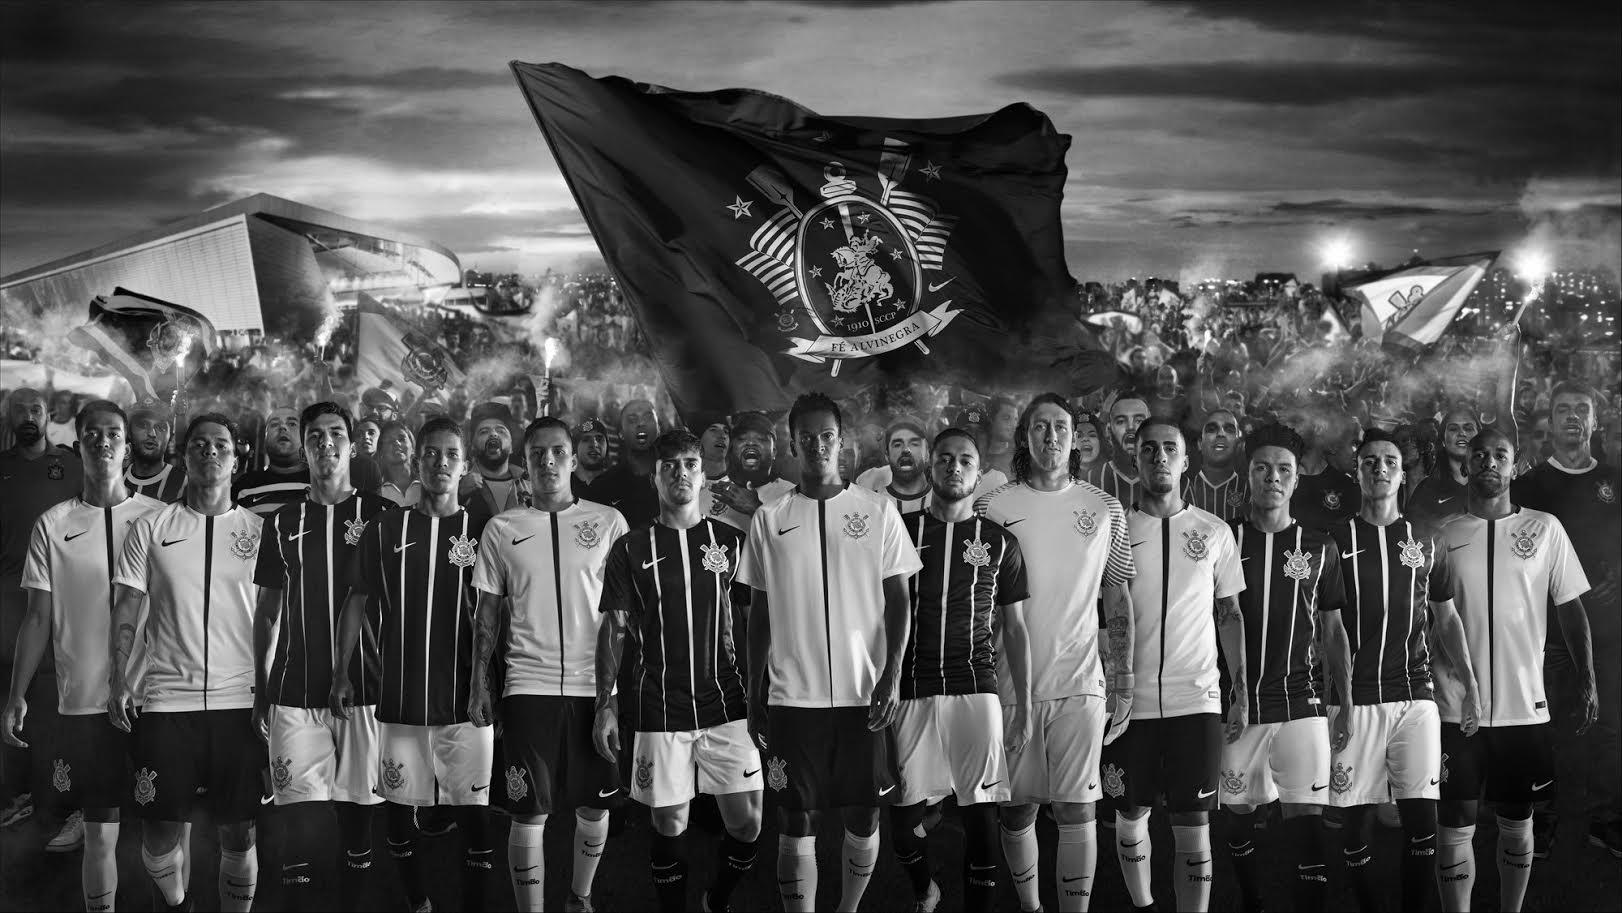 Novo uniforme do Corinthians 2017 é inspirado por São Jorge